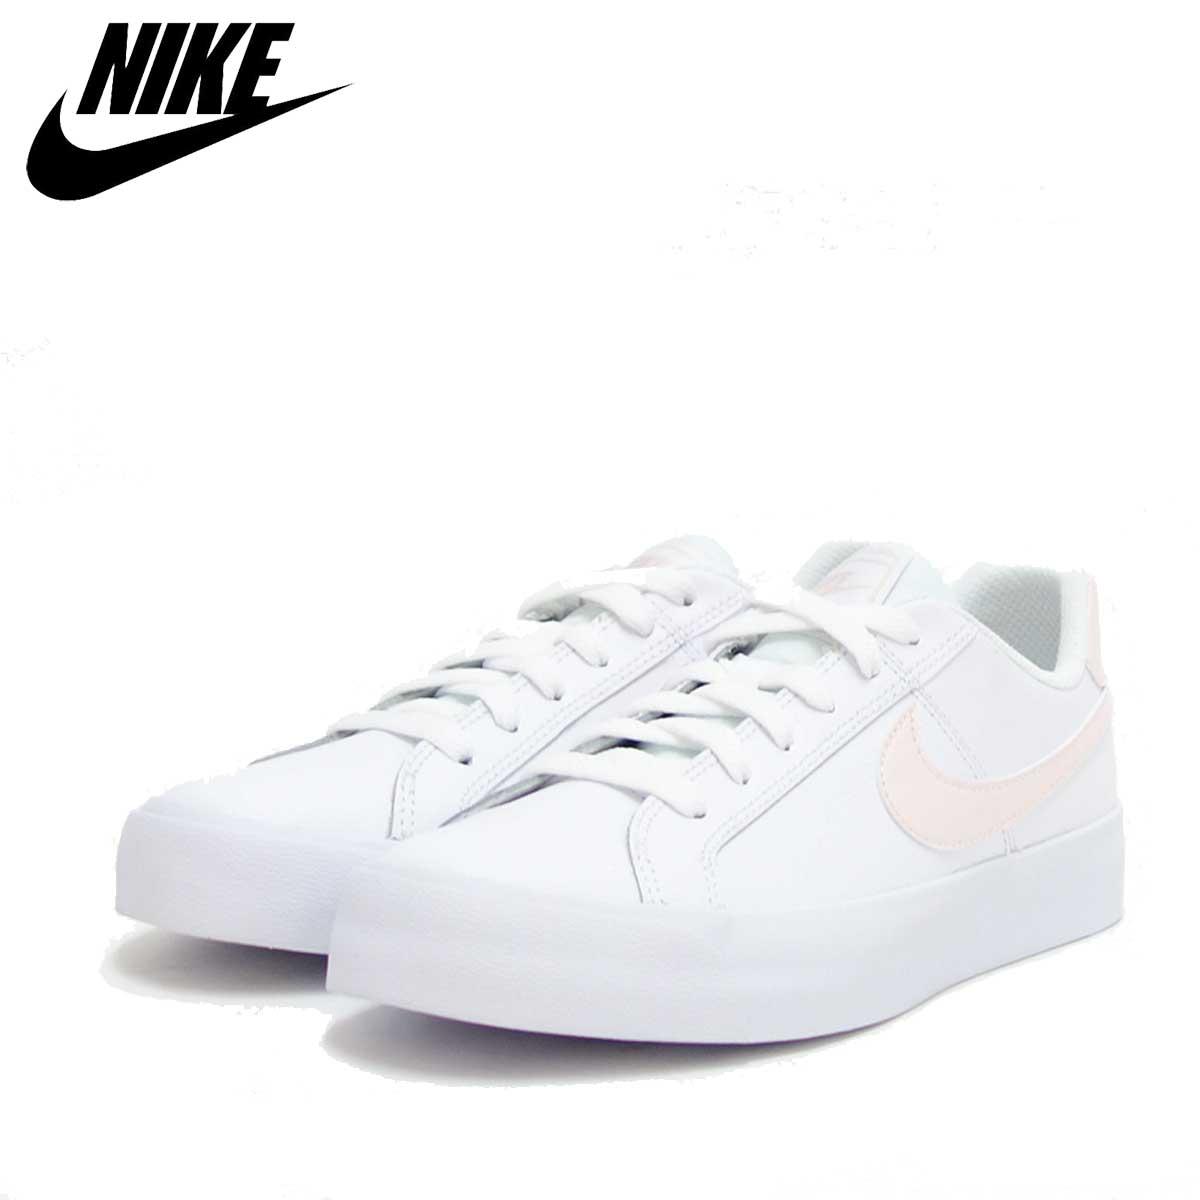 ナイキ NIKE コート ロイヤル AC ウィメンズ AO2810 110 ホワイト/L.S.ピンク WMNS COURT ROYALE AC 「靴」